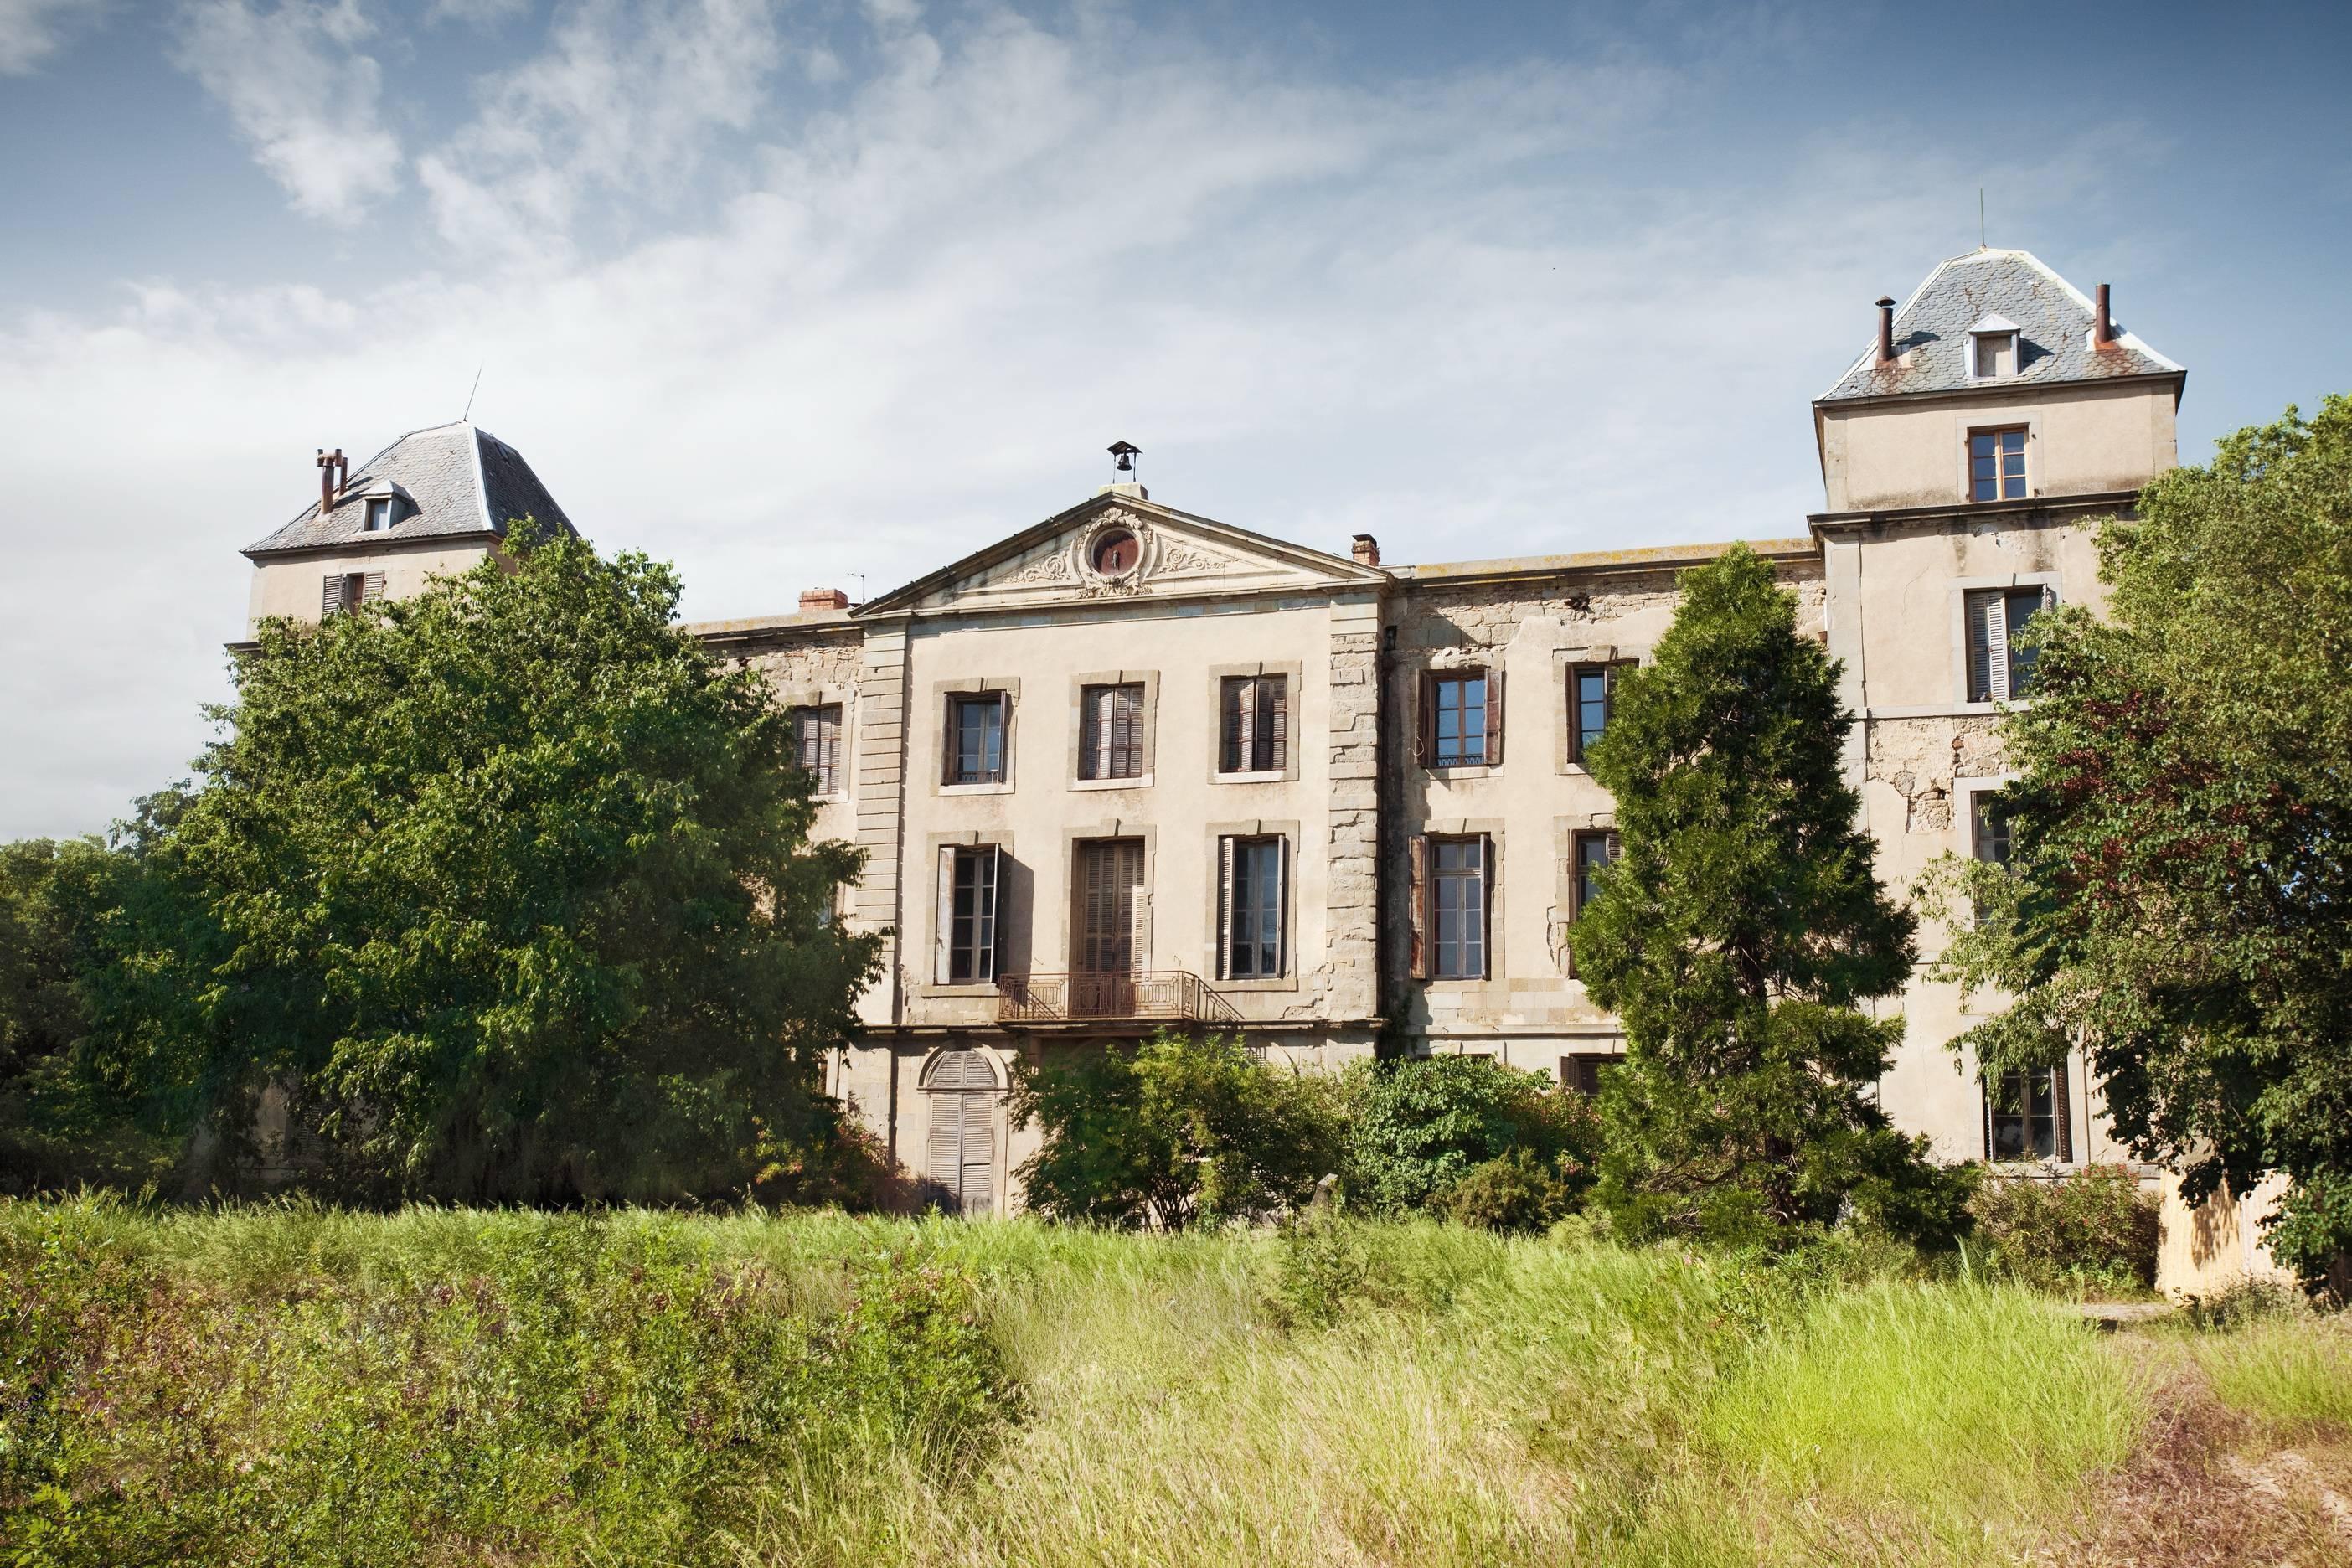 chateau de la redorte md628989 france languedoc roussillon carcasonne villa for sale. Black Bedroom Furniture Sets. Home Design Ideas